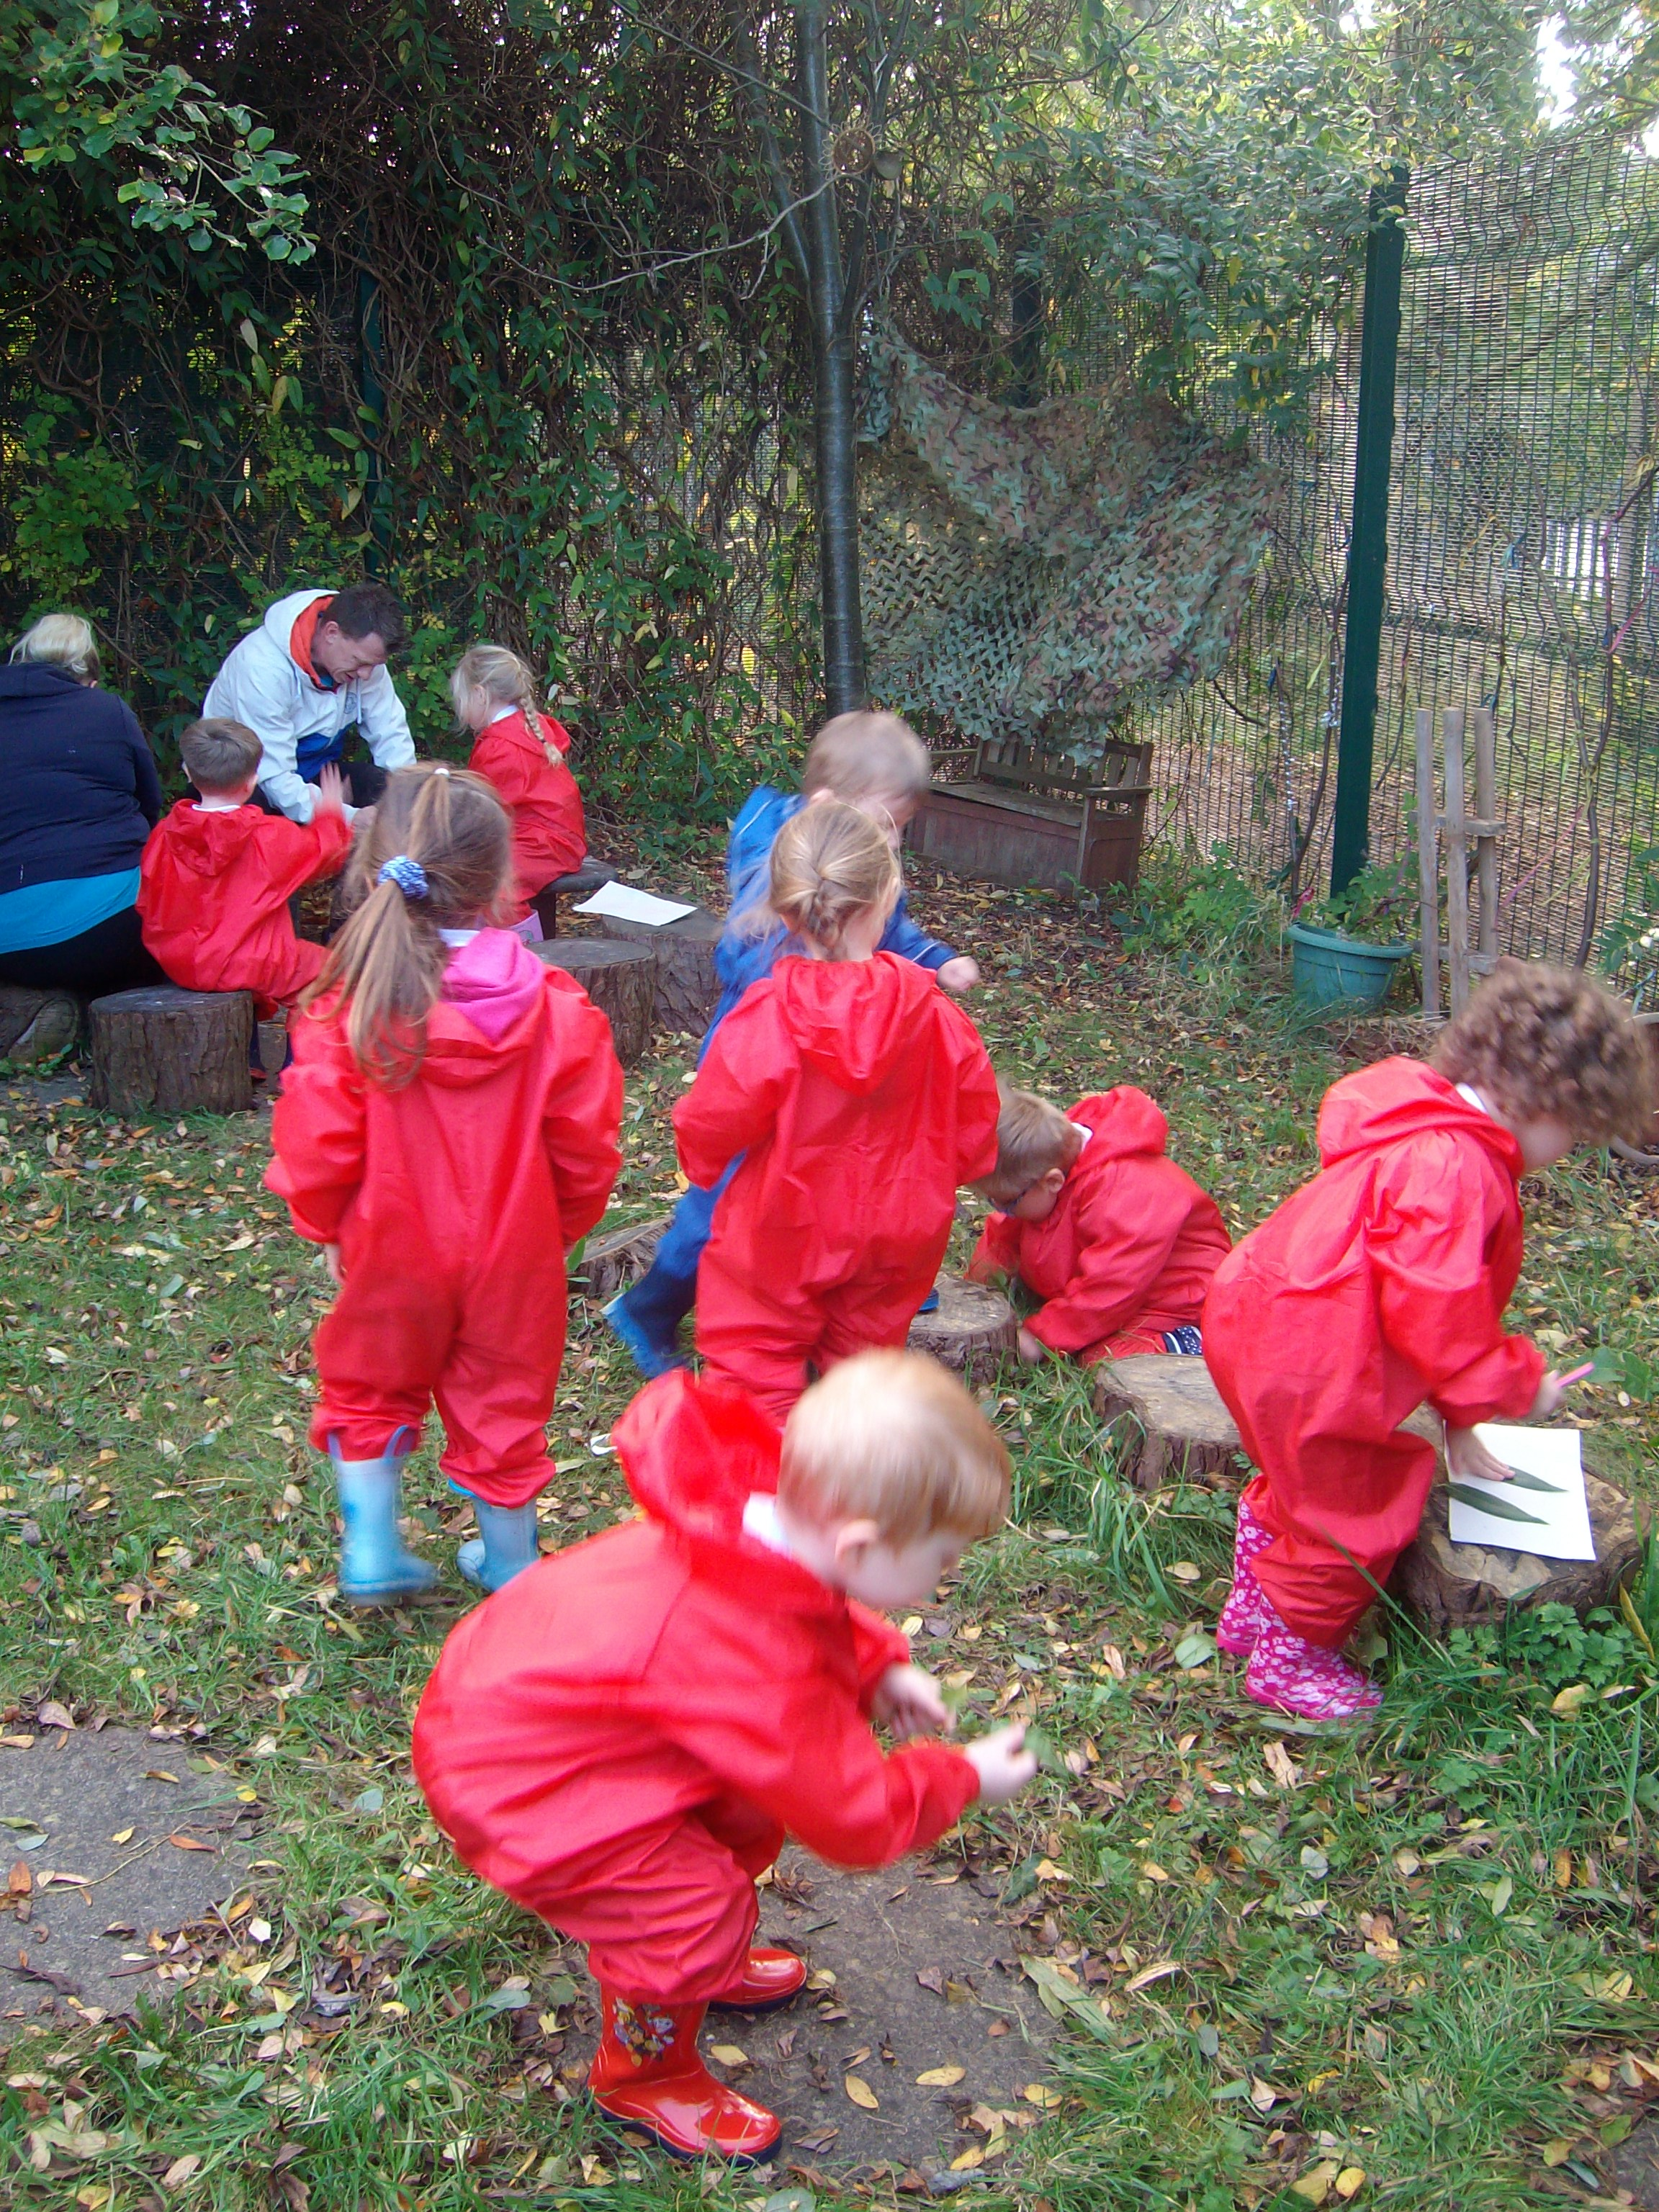 Children in red outdoor suits